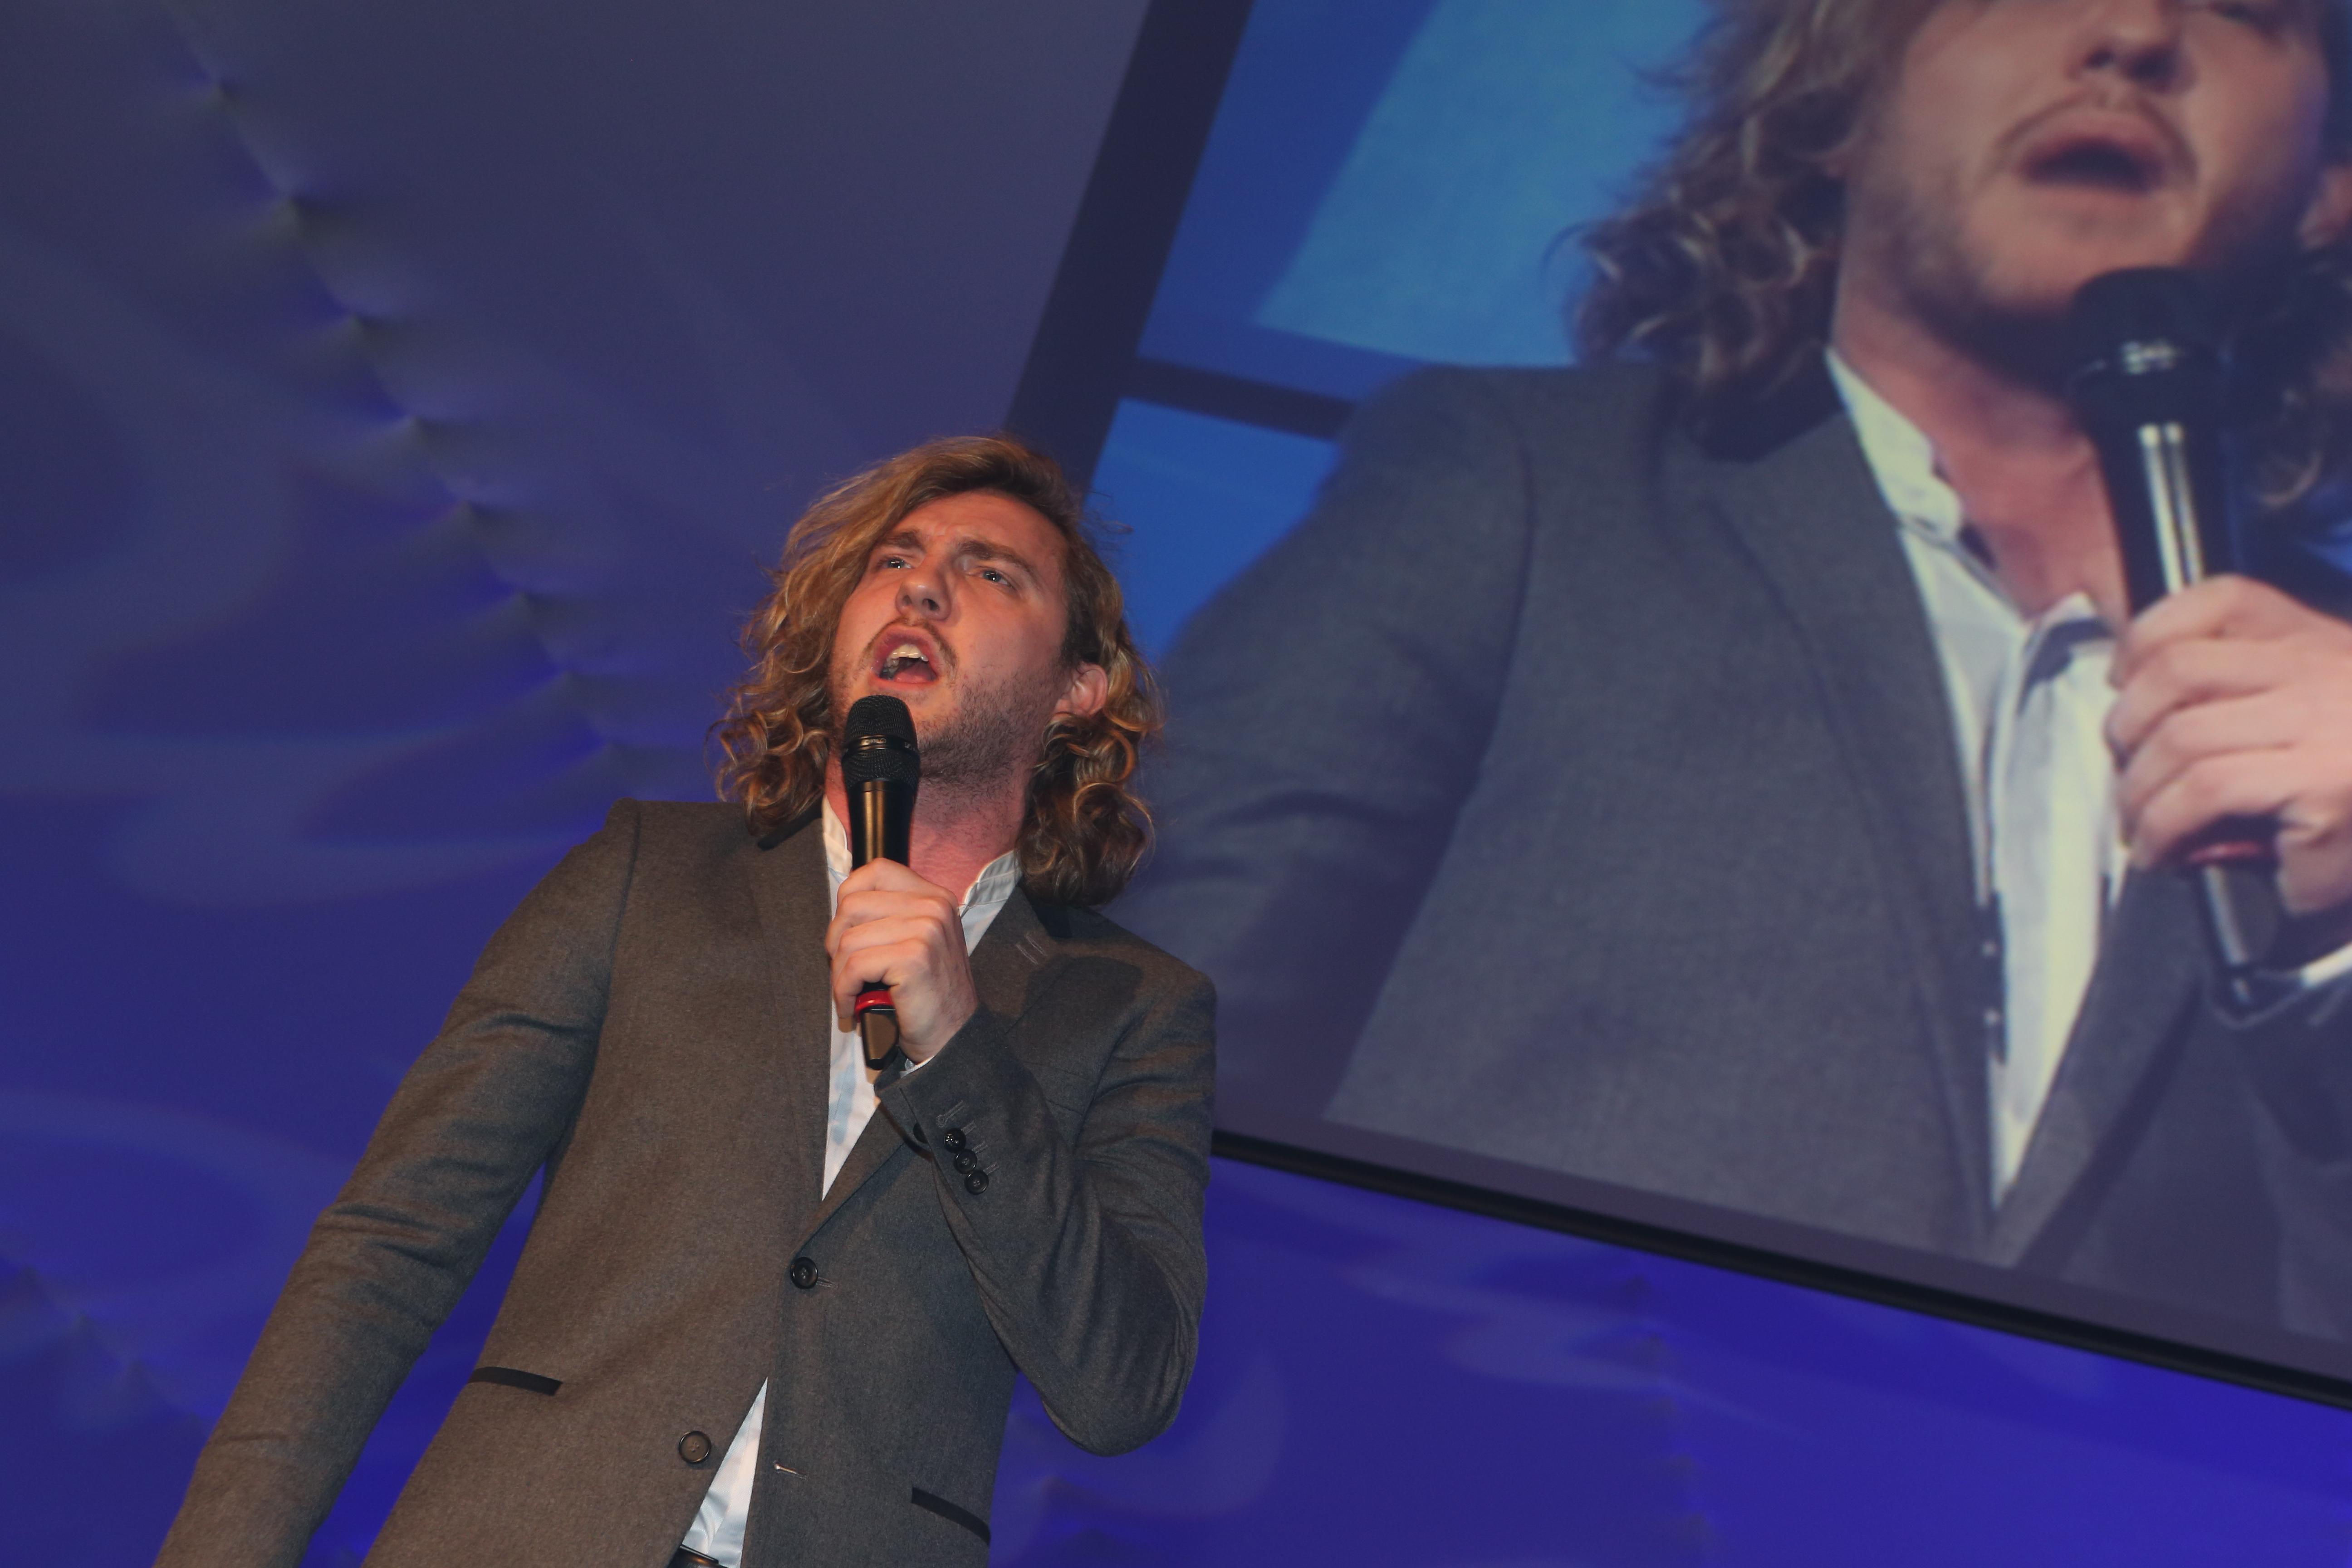 Comedian Seann Walsh hosts B2B Marketing Awards 2012